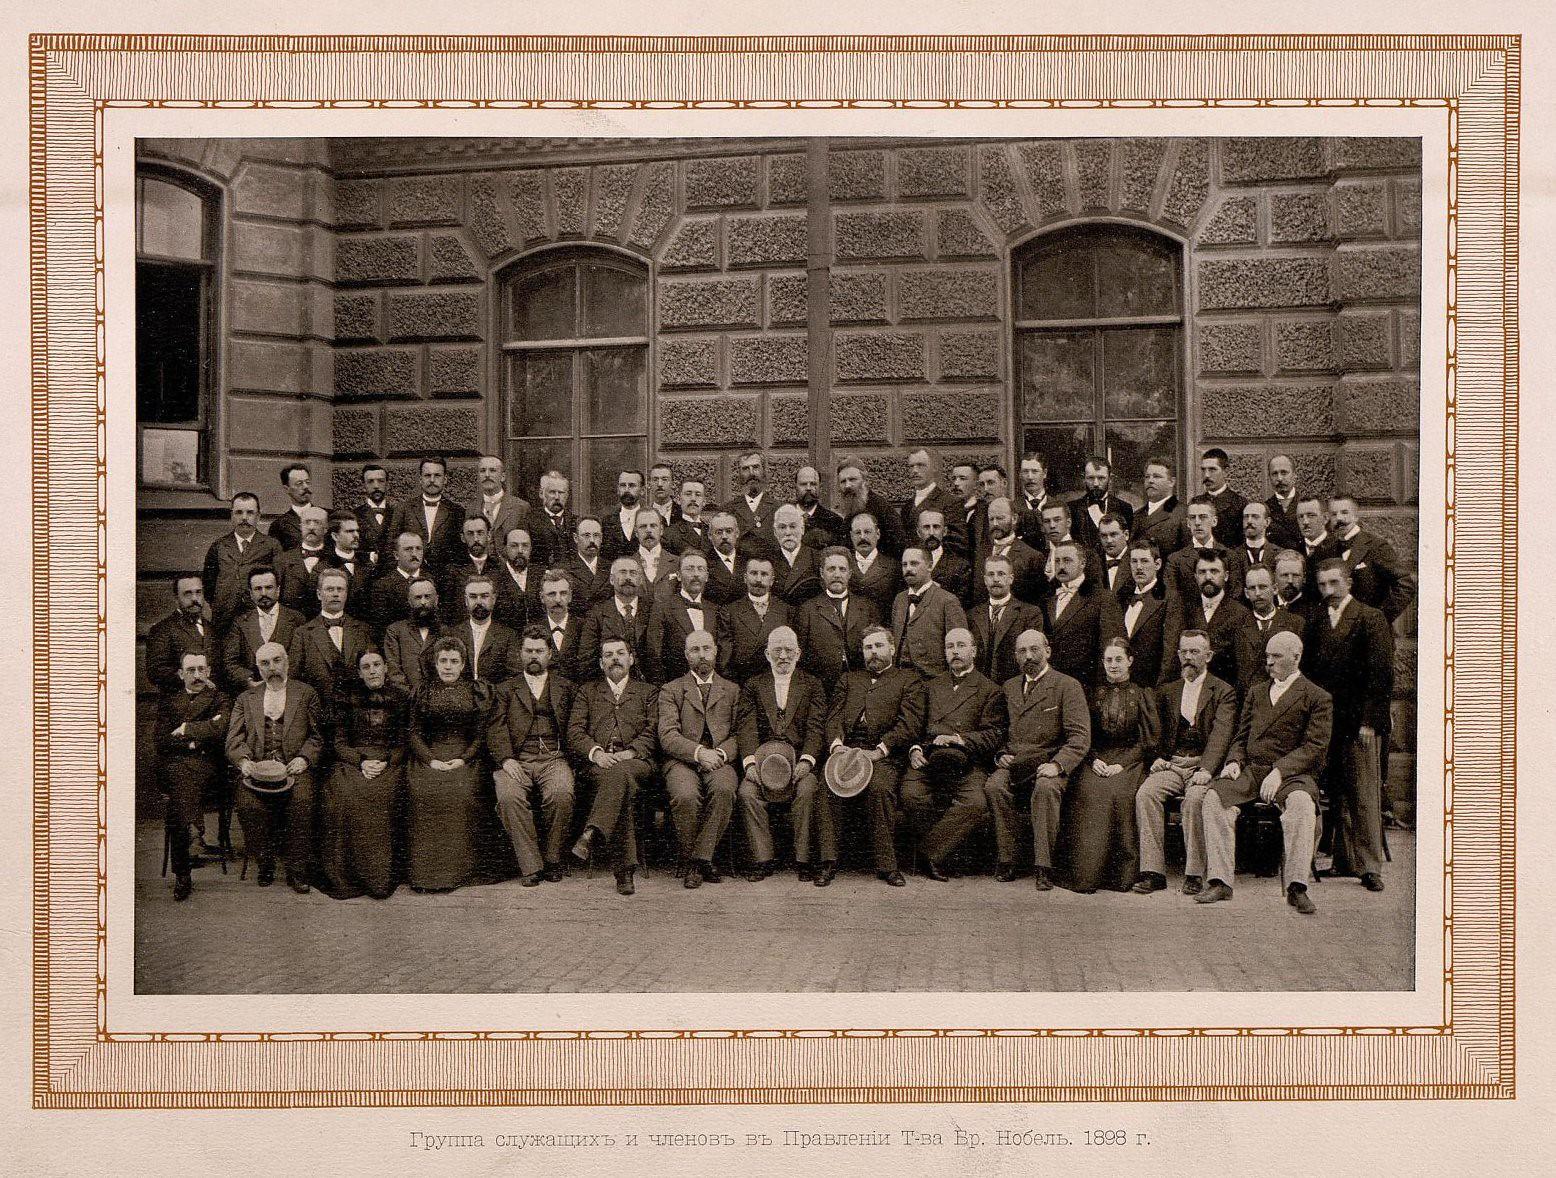 36. Группа служащих и членов в Правлении Товарищества Братьев Нобель (1898 г.)